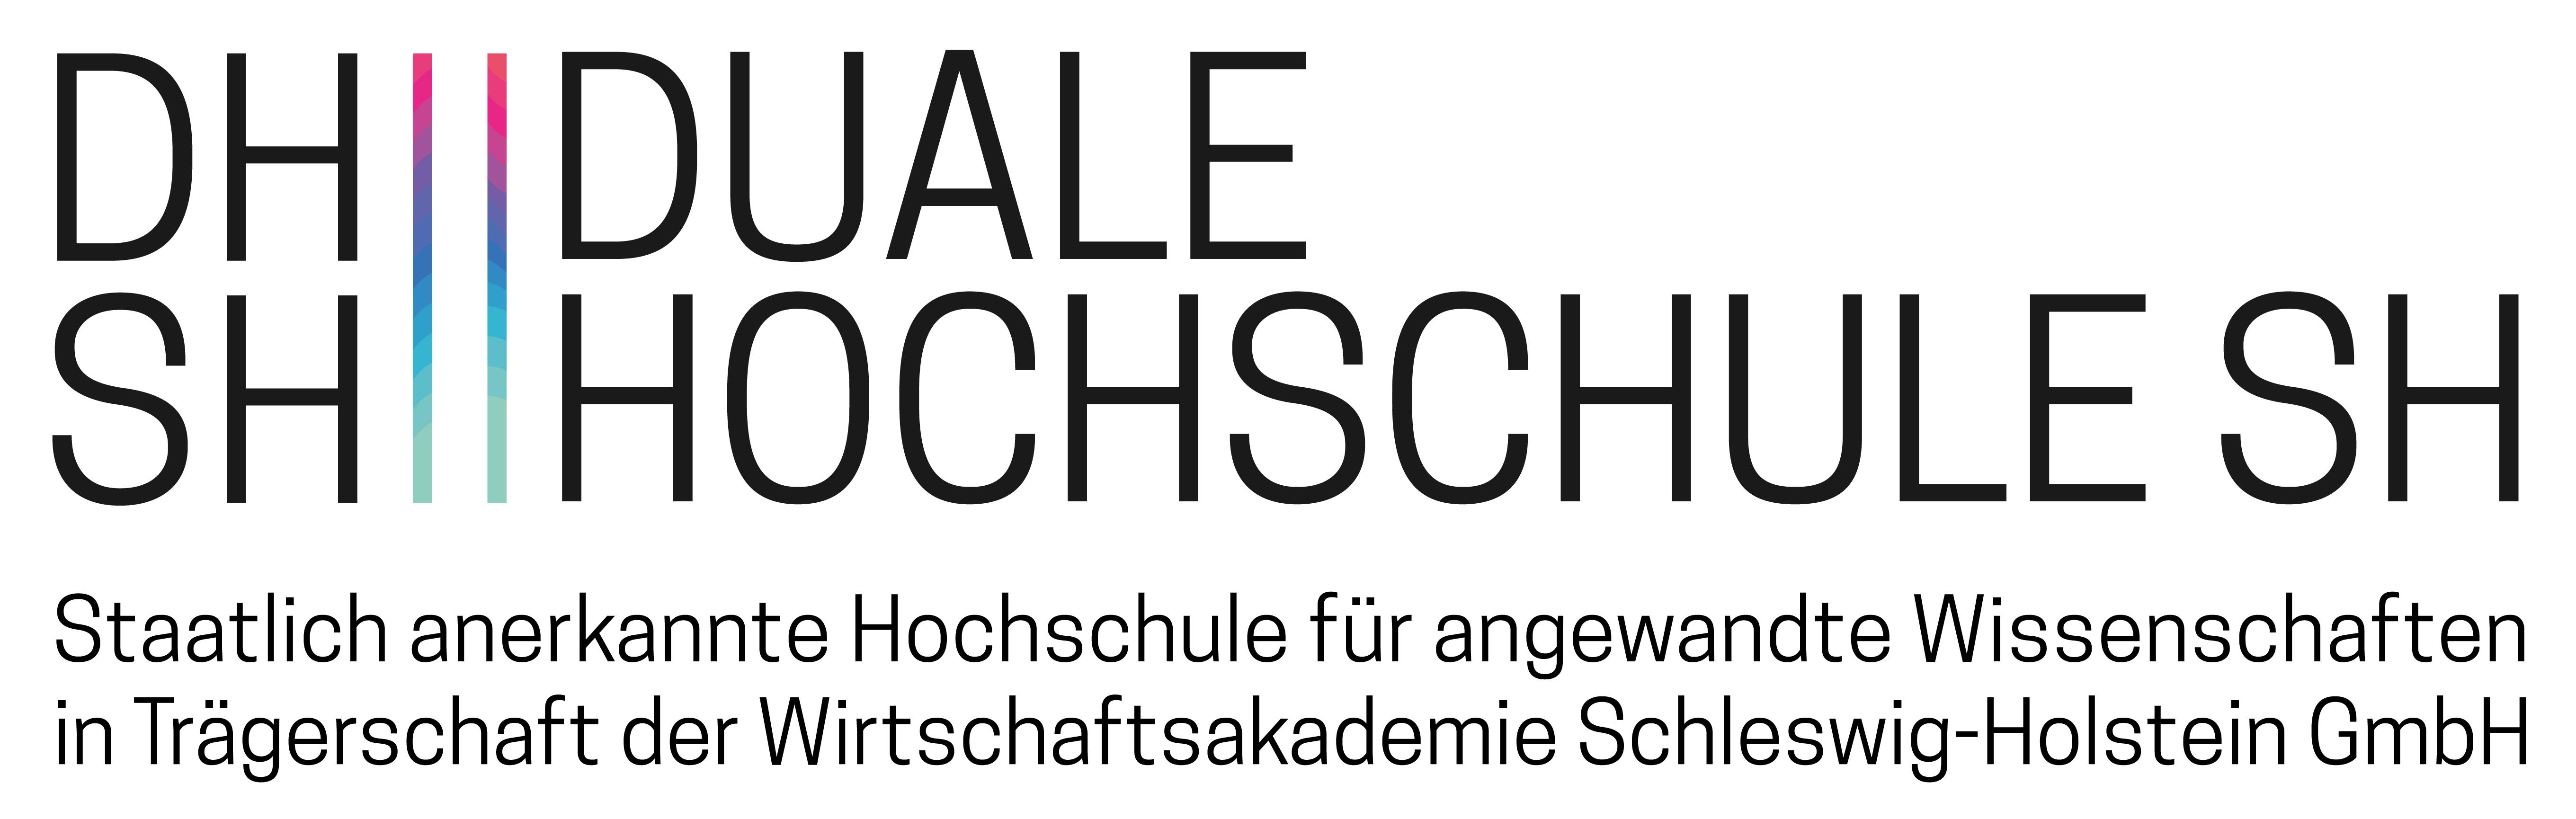 Duale Hochschule Schleswig-Holstein